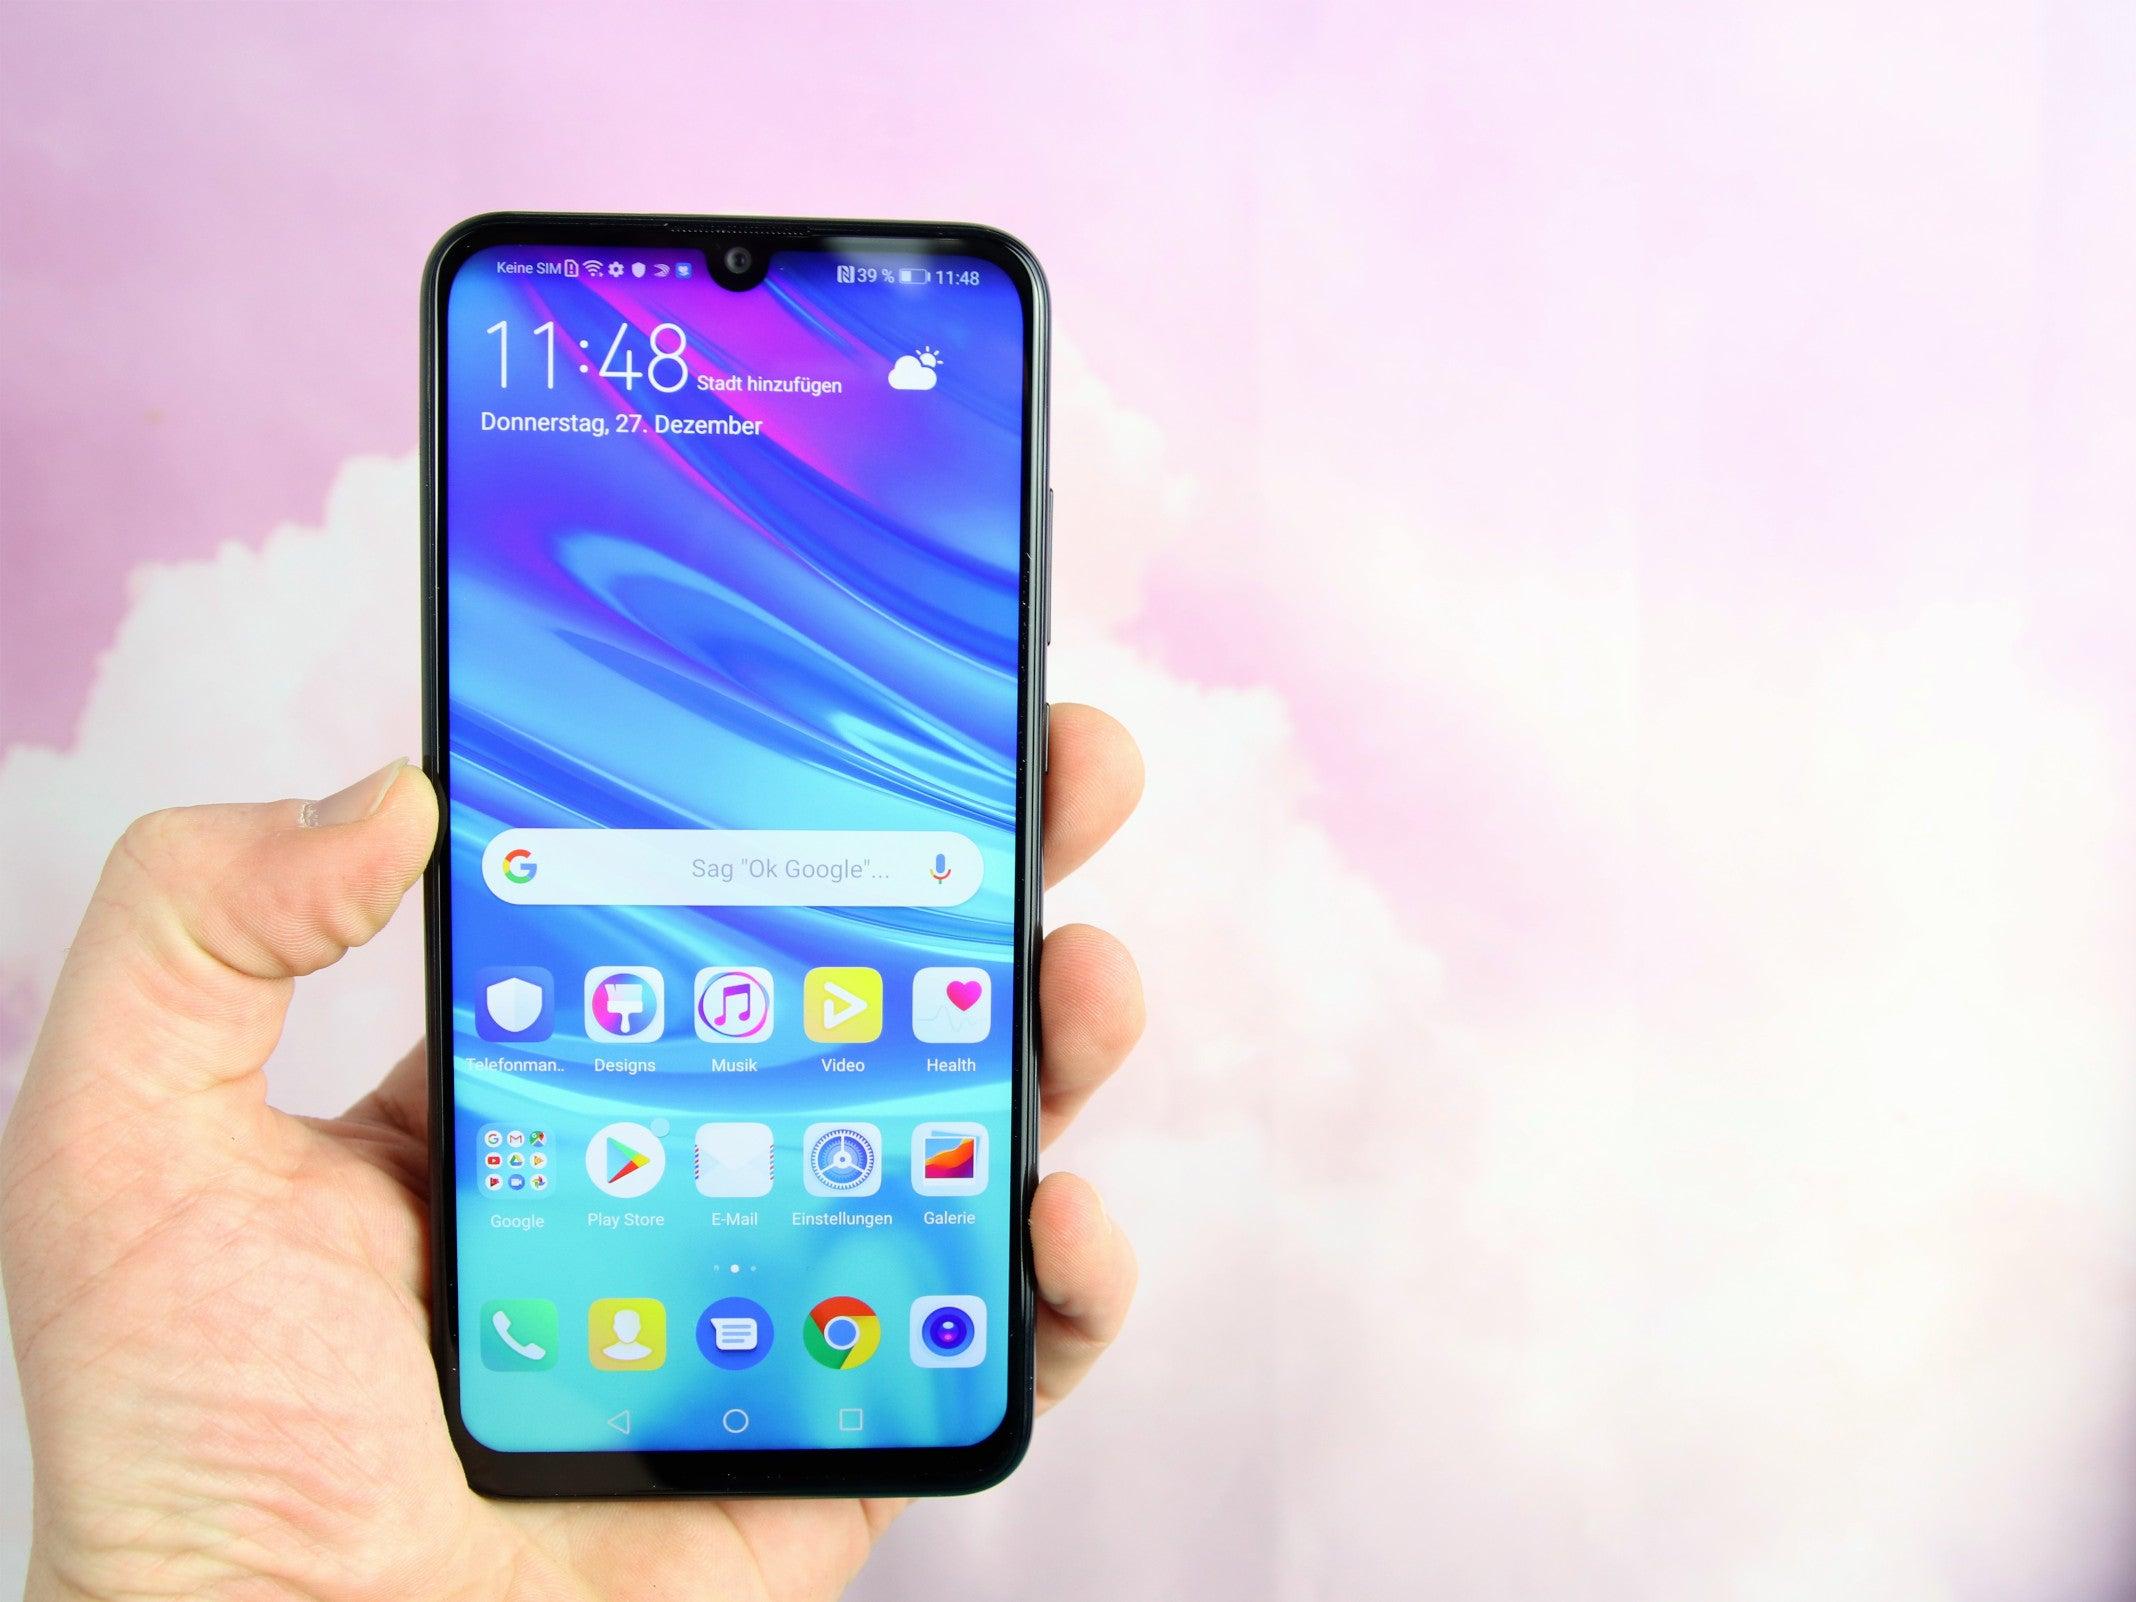 Huawei P smart 2019 in der Hand vor rosa Hintergrund